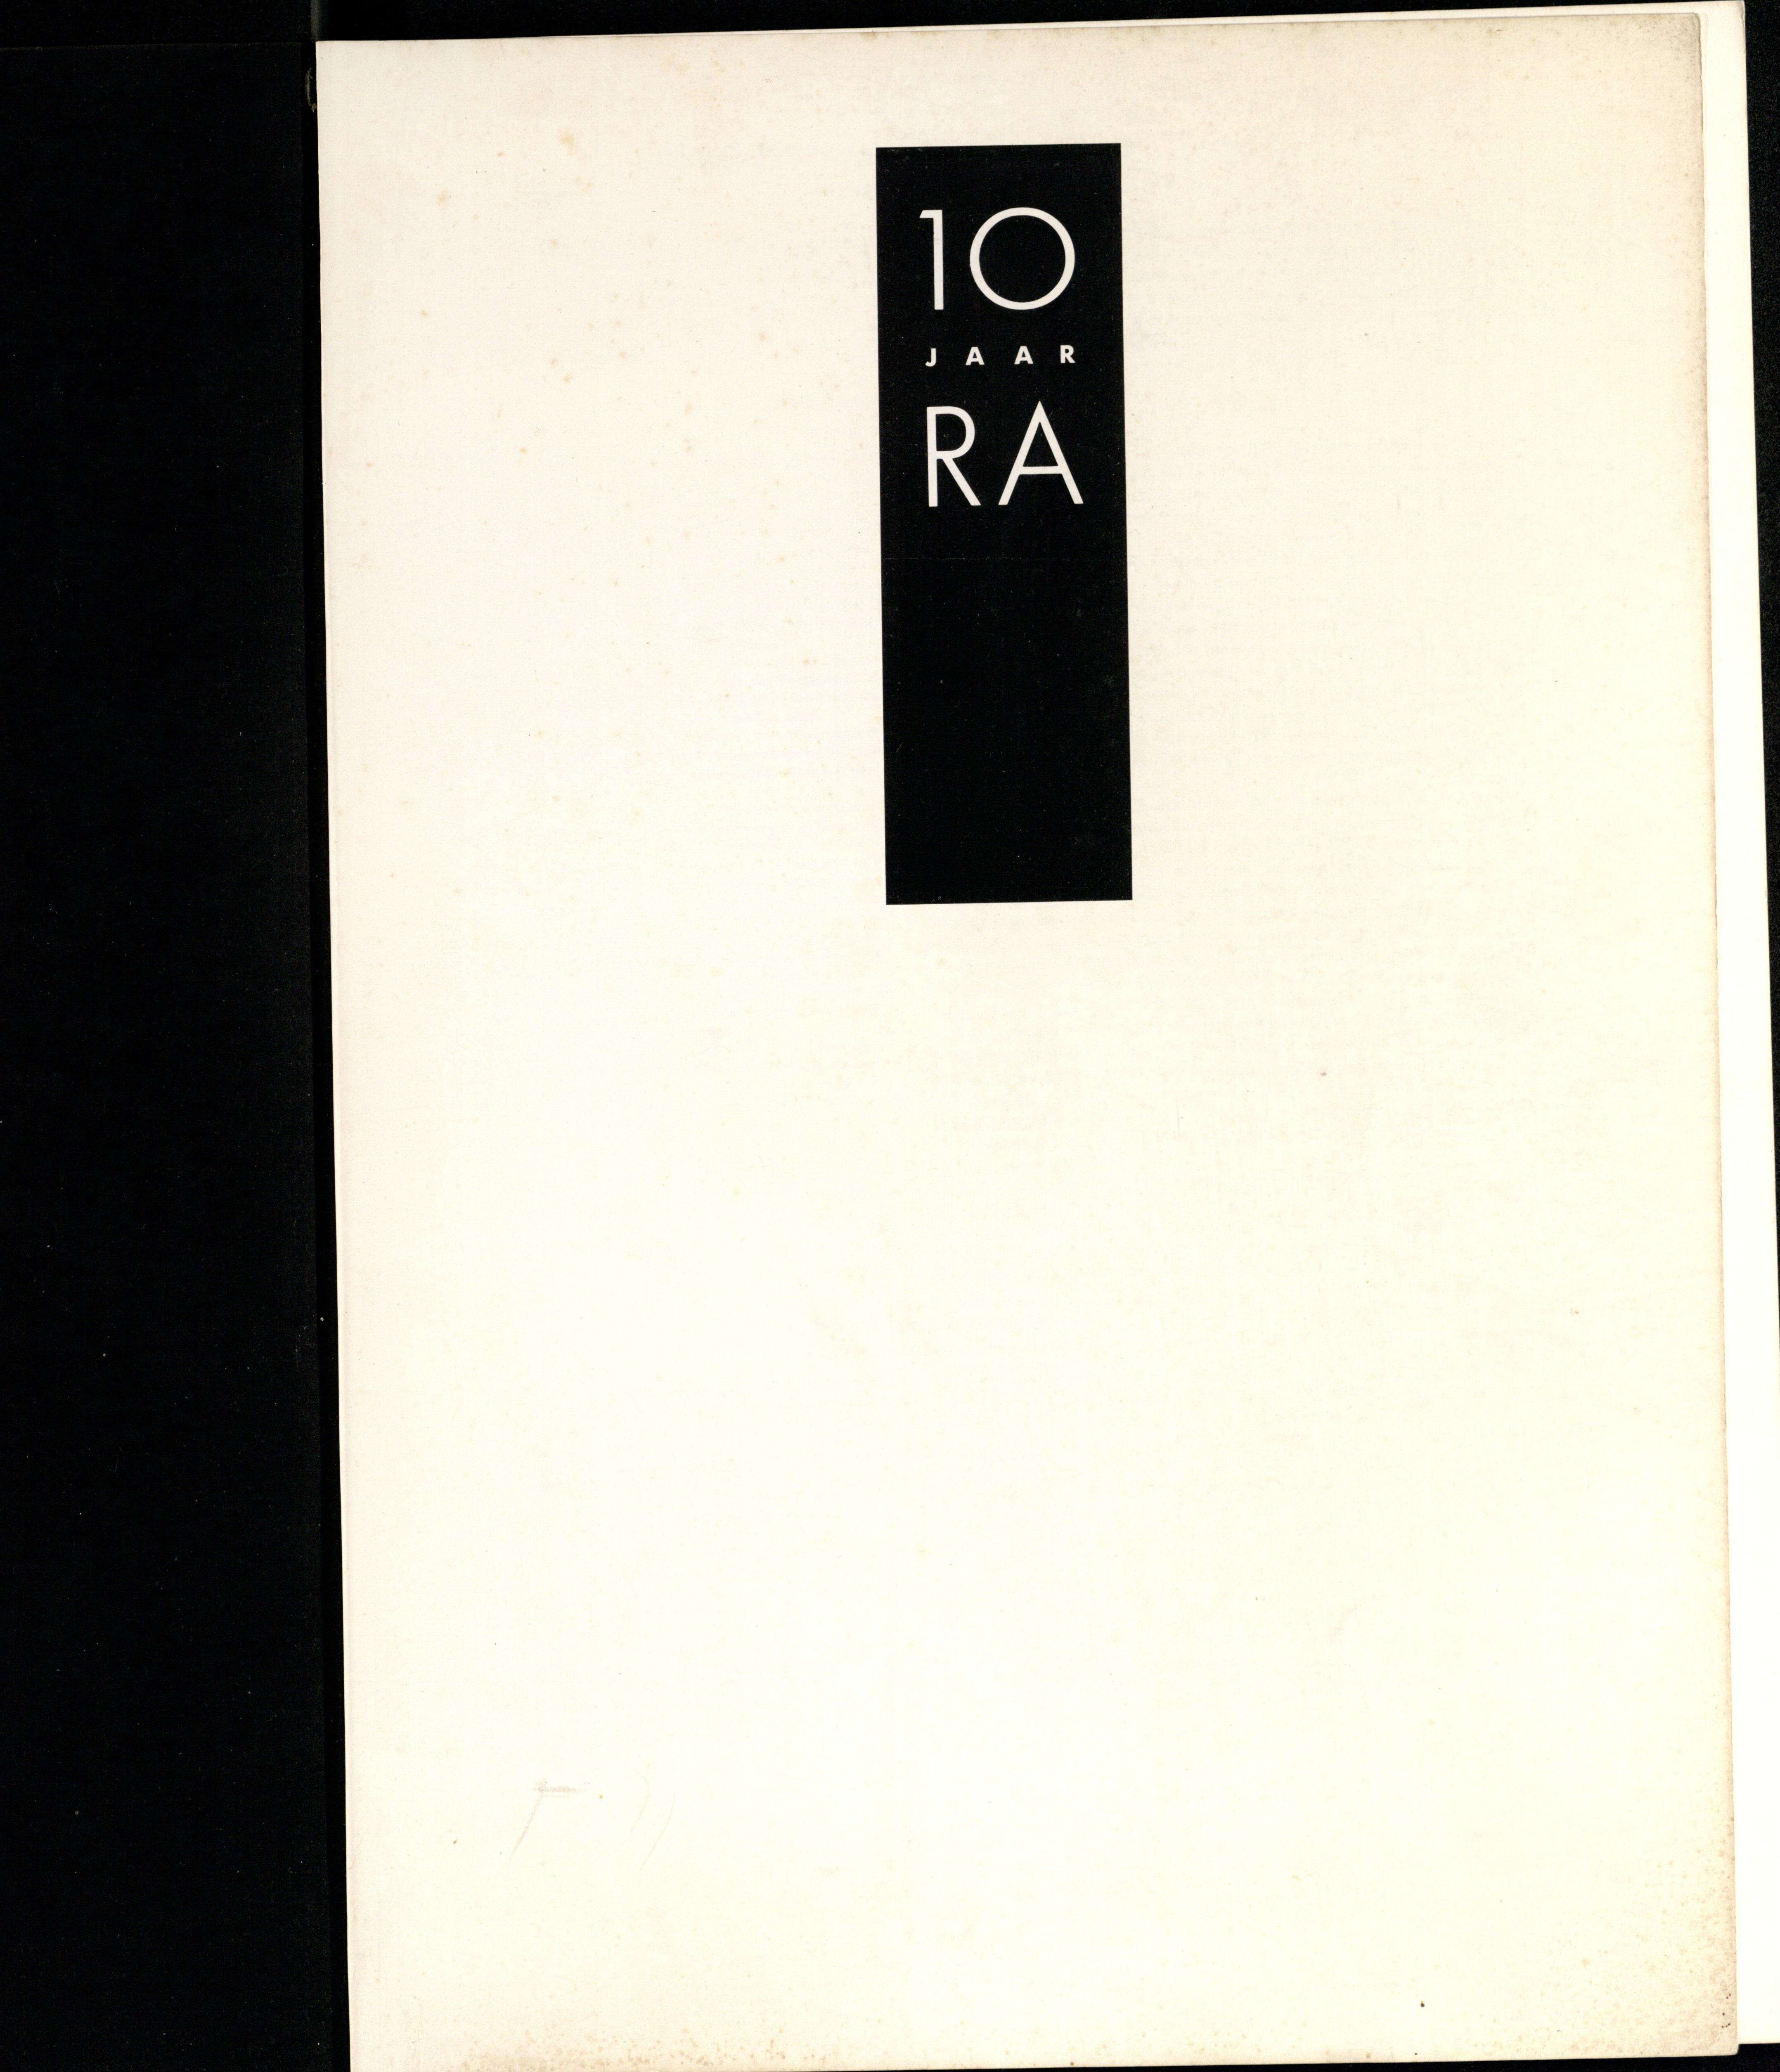 10 Jaar Ra, bladzijde 1, 1986, Galerie Ra, drukwerk, papier